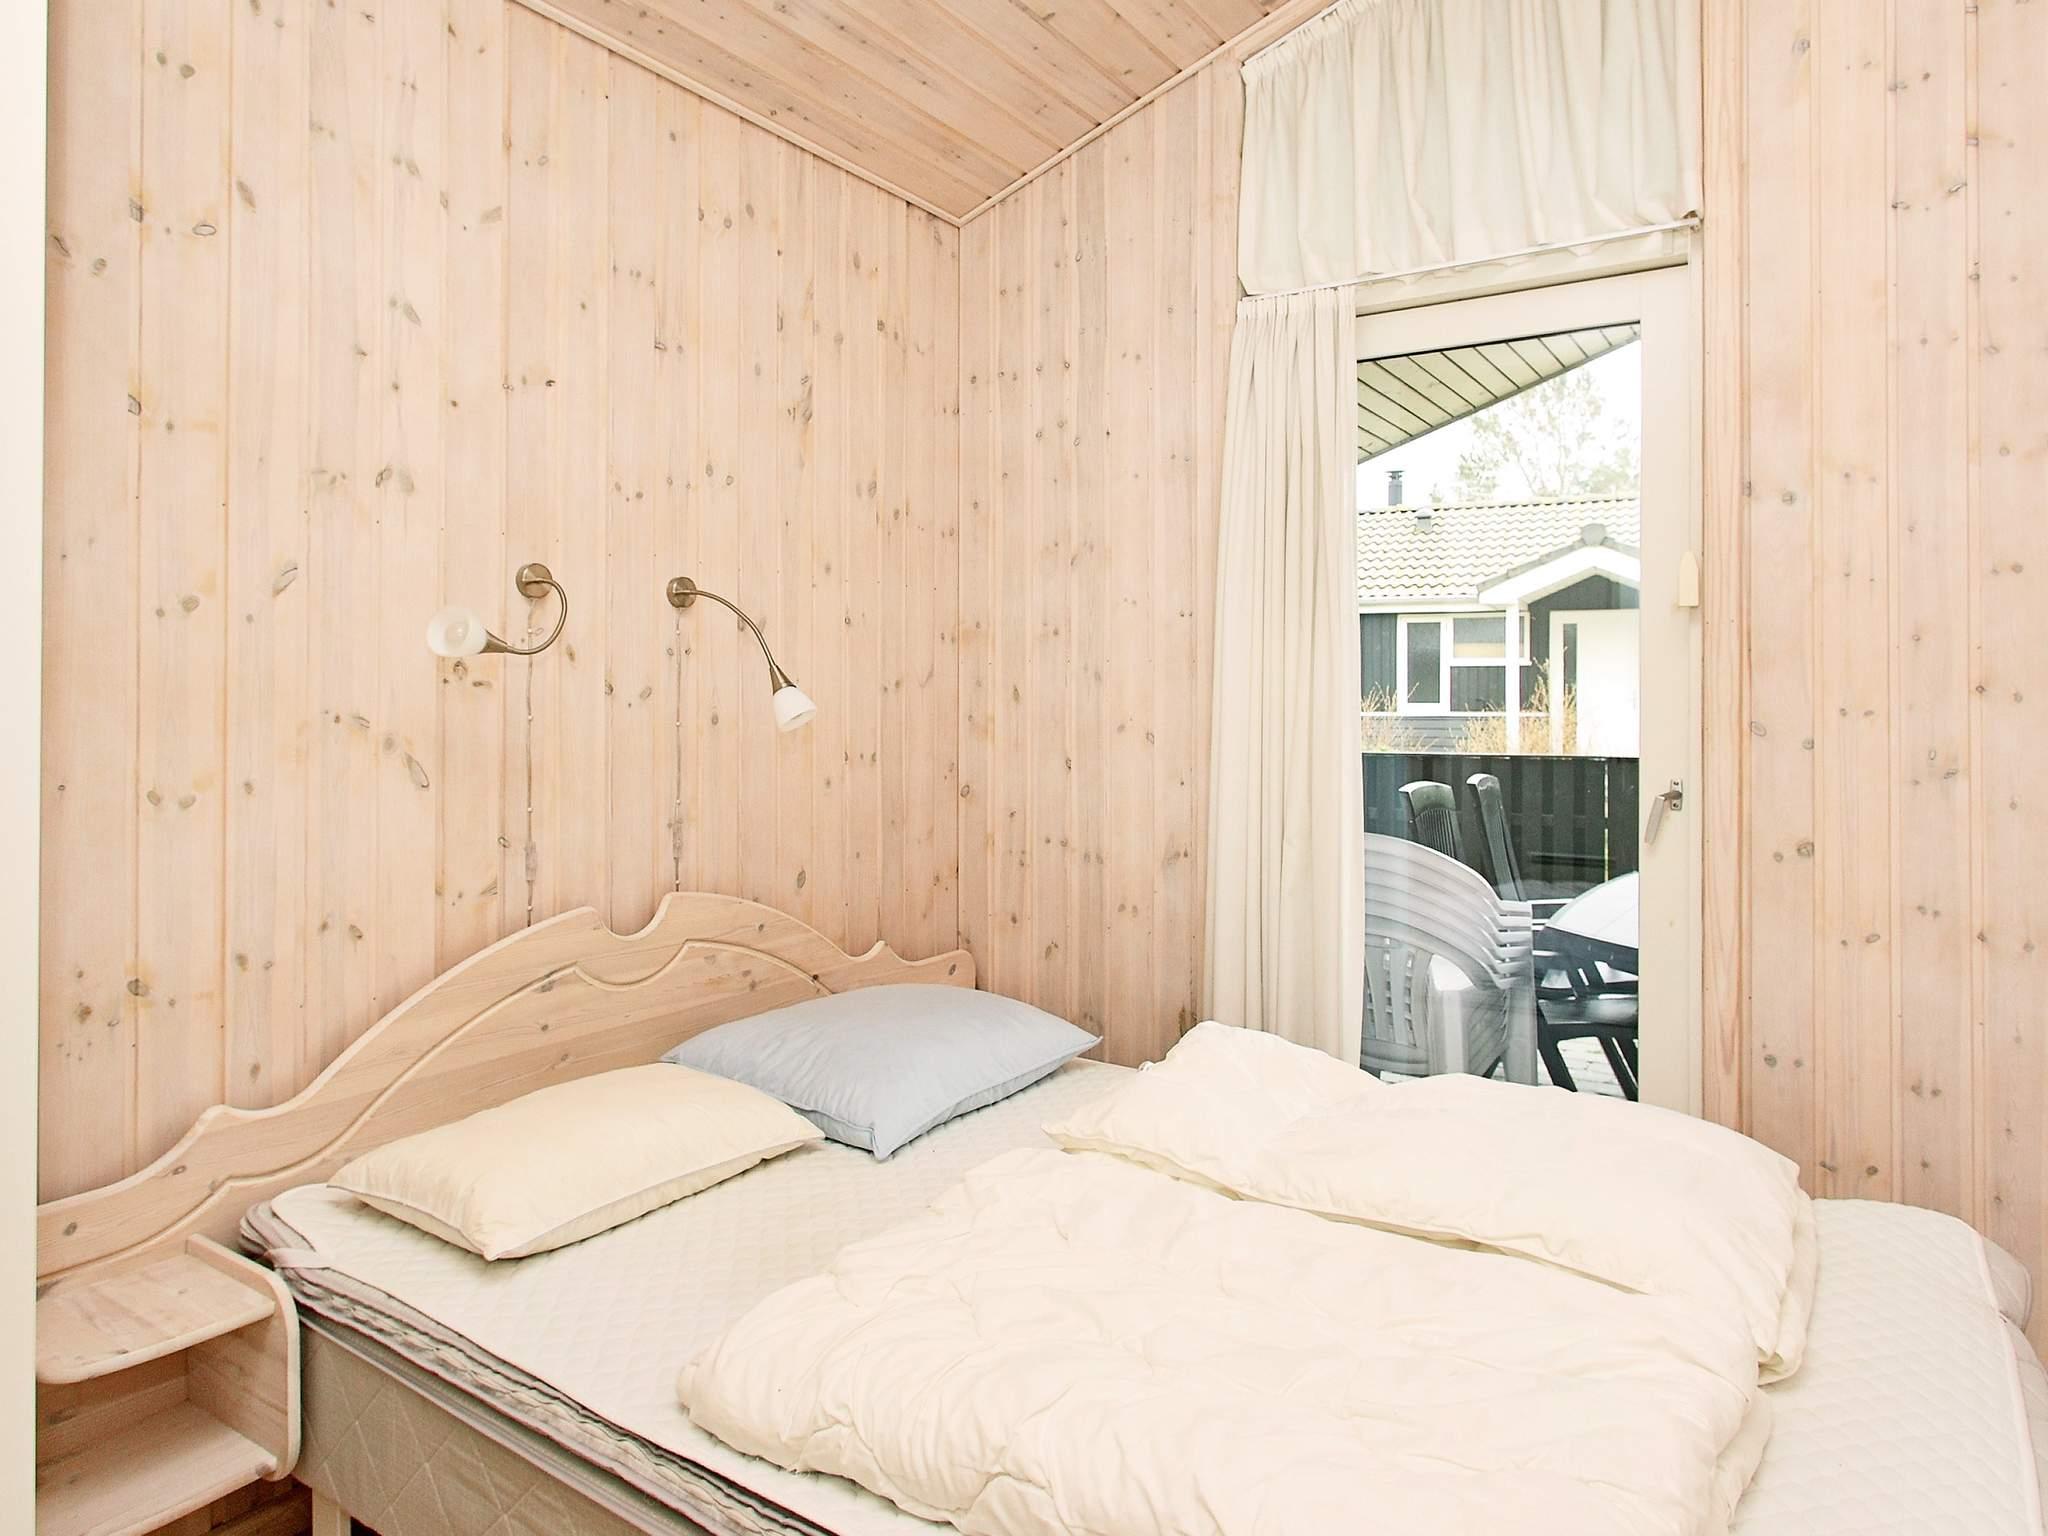 Ferienhaus Lodskovvad (241686), Lodskovvad, , Nordostjütland, Dänemark, Bild 11